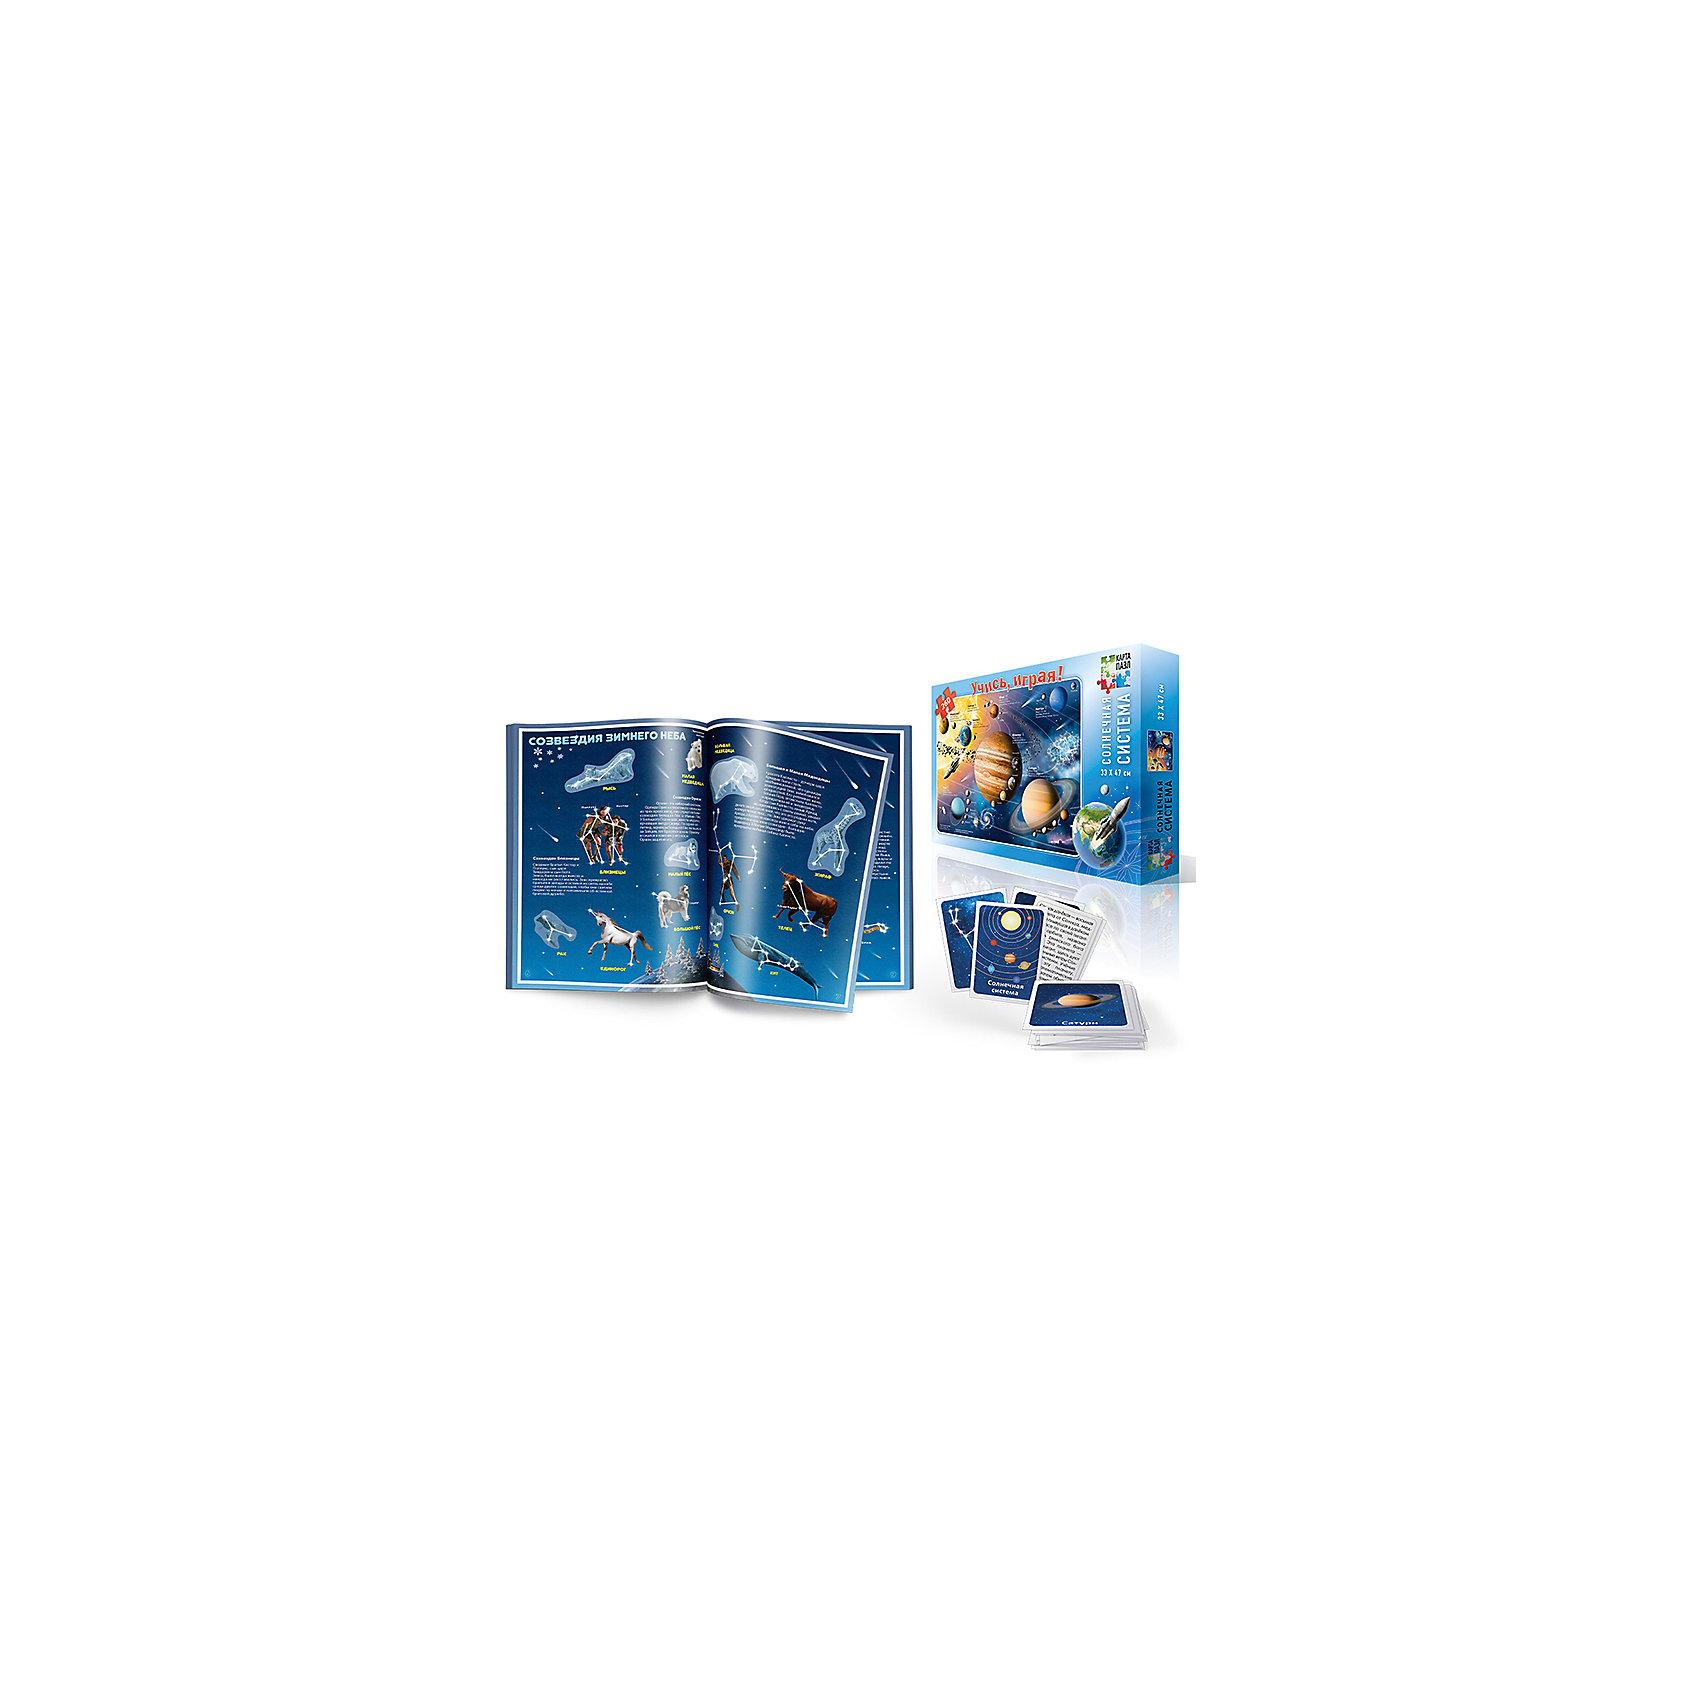 Большой подарок №4 Удивительный космос (3 предмета)Энциклопедии про космос<br>Характеристики товара:<br><br>• материал: ламинированный картон, бумага<br>• возраст: от 6 лет<br>• карта-пазл. Солнечная система. Формат 33*47<br>• атлас с наклейками. Звездное небо. Формат 21*29,7<br>• набор игровых карточек. Формат 5*7, 32 шт<br>• 45 наклеек<br>• подарочная коробка<br>• количество деталей пазла: 260<br>• размер карты: 33х47 см<br>• габариты упаковки: 32х22х50 см<br>• вес: 500 г<br>• страна производитель: Россия<br><br>Звезды, планеты, метеориты, кометы – все это, несомненно, сможет увлечь ребенка и череда многочисленных вопросов гарантирована. На карте дано строение солнечной системы, справочная информация о космических объектах, изображения и названия спутников. Издание выполнено художником, прекрасно иллюстрировано и оформлено.<br><br>Тем не менее, говорить с детьми о космосе не так просто. Астрономия – достаточно сложная наука, и придется приложить немало усилий, чтобы рассказать о ней максимально доступно для ребенка. Эту задачу решает атлас с наклейками «Звездное небо». Он расширяет границы представлений о космосе, знакомит с картами звёздного неба и созвездиями, которые наблюдают в разное время года. В атласе даны легенды, связанные с названием основных созвездий, информация о способах наблюдения из космоса.<br><br>Игровые карточки, по форме и содержанию адаптированные для возраста 6+, помогут усвоить факты о космосе и солнечной системе в доступной для этого возраста форме.<br><br>Большой подарок №4 Удивительный космос (3 предмета) можно купить в нашем интернет-магазине.<br><br>Ширина мм: 320<br>Глубина мм: 220<br>Высота мм: 50<br>Вес г: 500<br>Возраст от месяцев: 72<br>Возраст до месяцев: 108<br>Пол: Унисекс<br>Возраст: Детский<br>SKU: 5422964